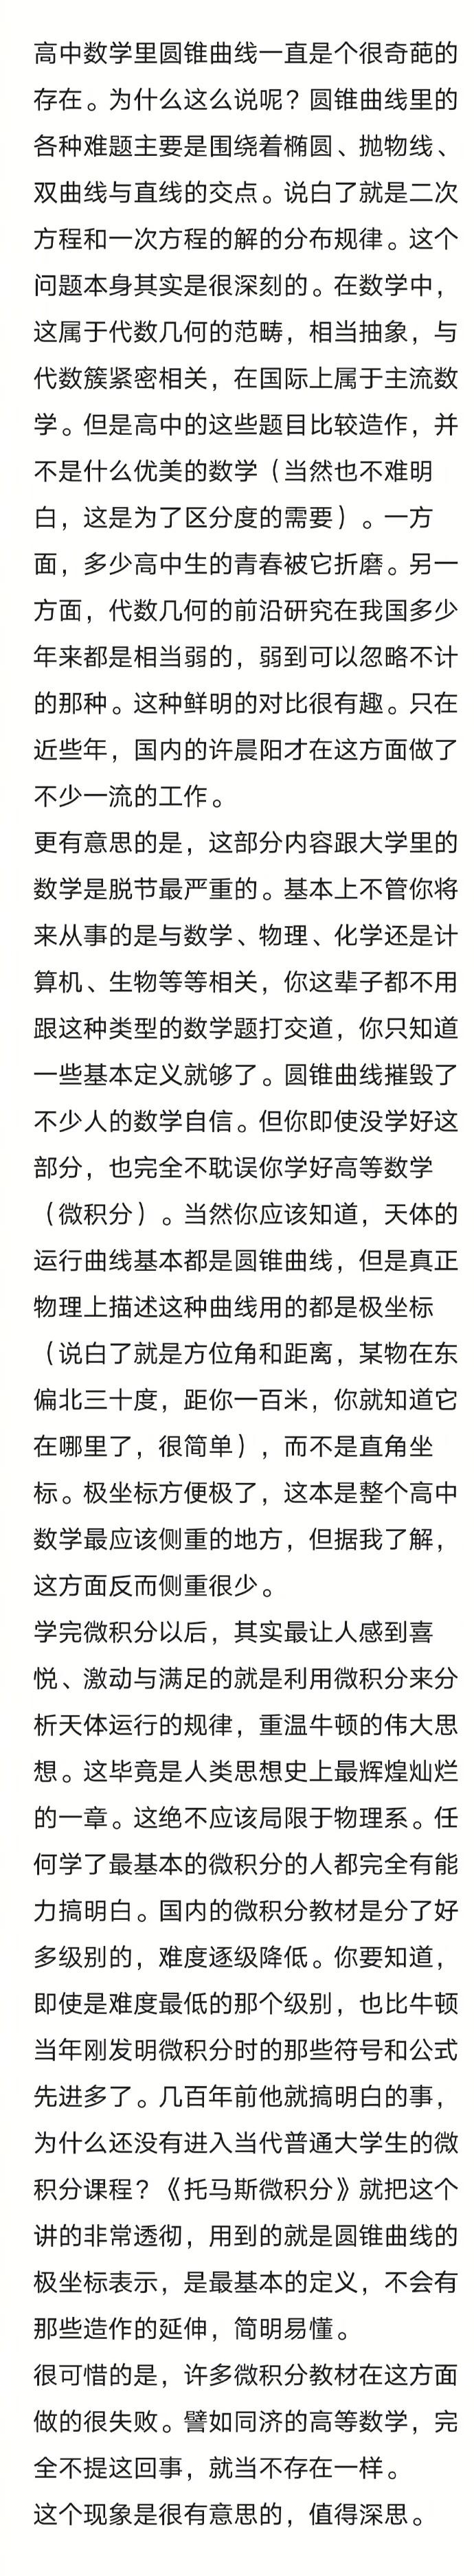 【建立博客】_应该让中国高中生提前学习了解微积分和线性代数